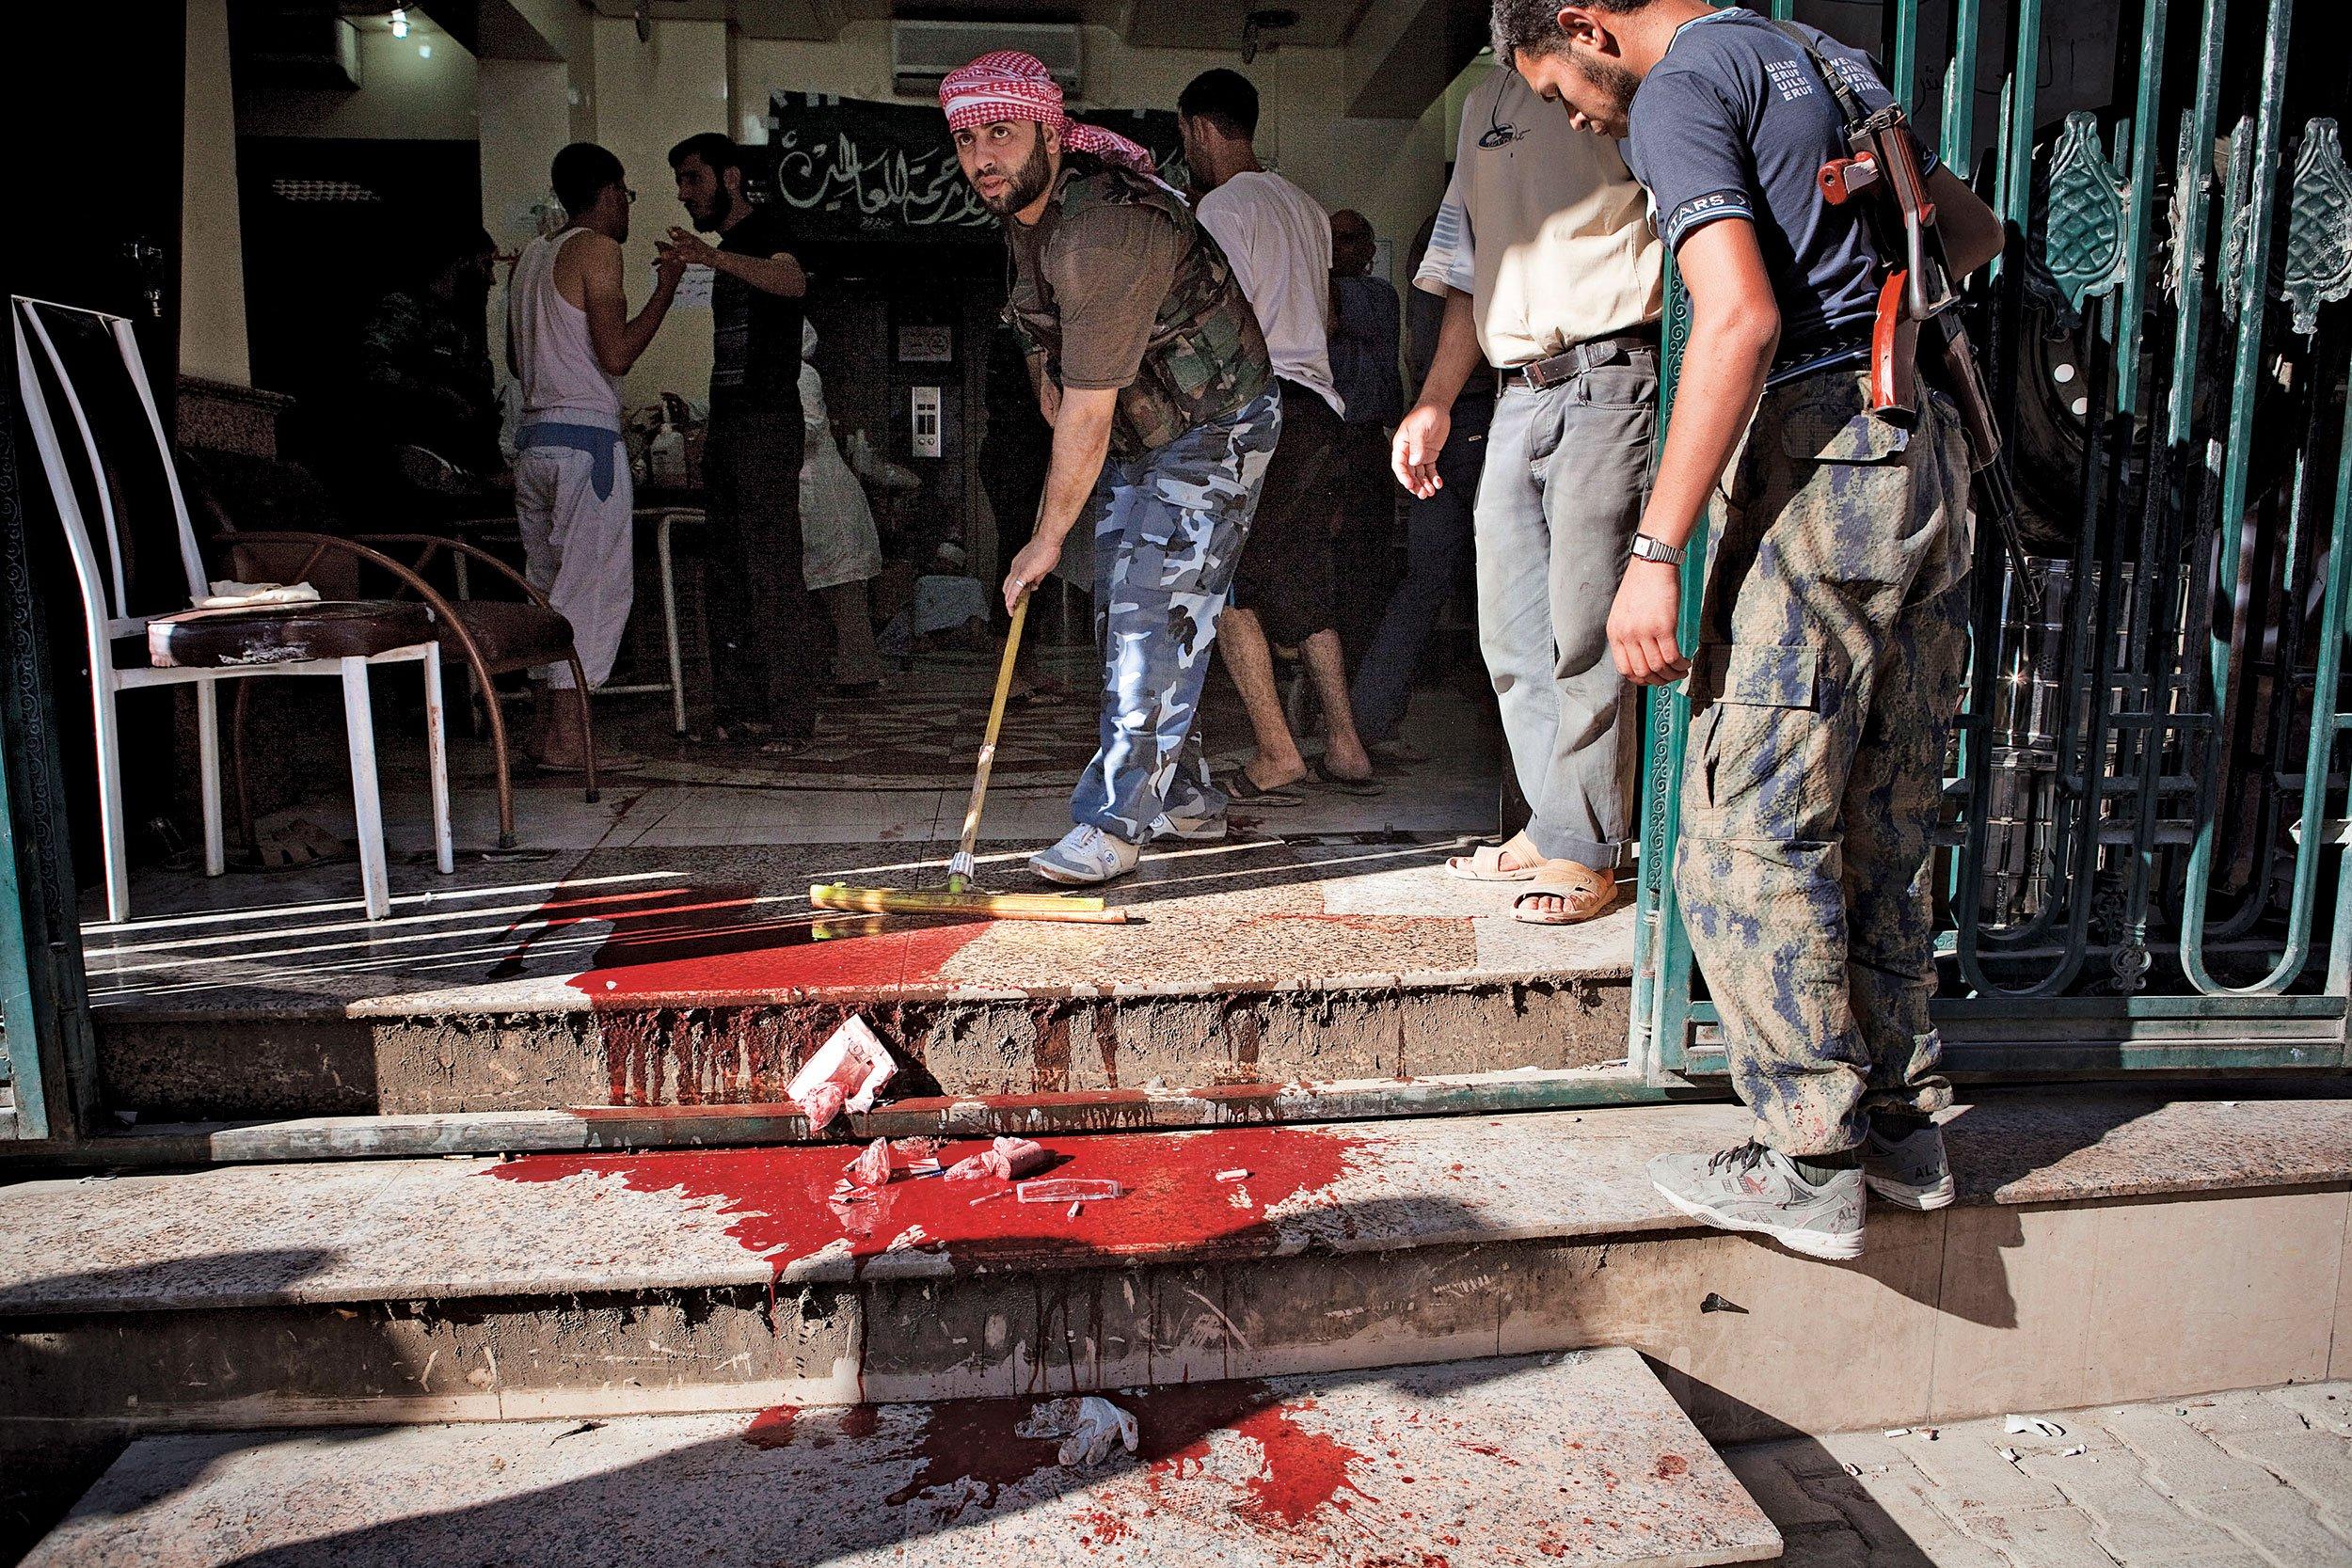 08_14_Aleppo_06